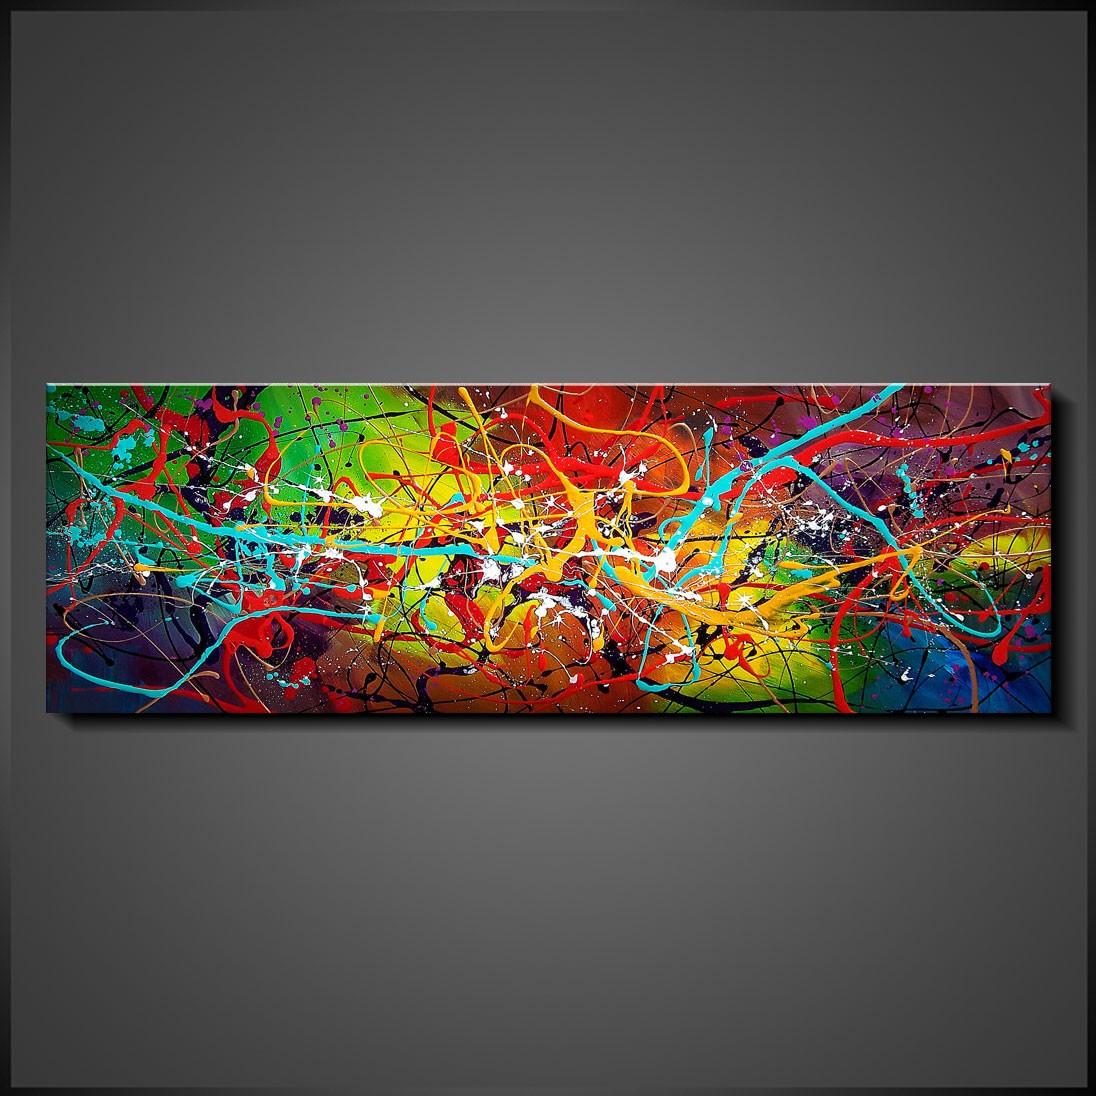 Abstrakt Kunst Til Salg abstrakte malerier til salg ⇒ [køb dit abstrakte maleri her]